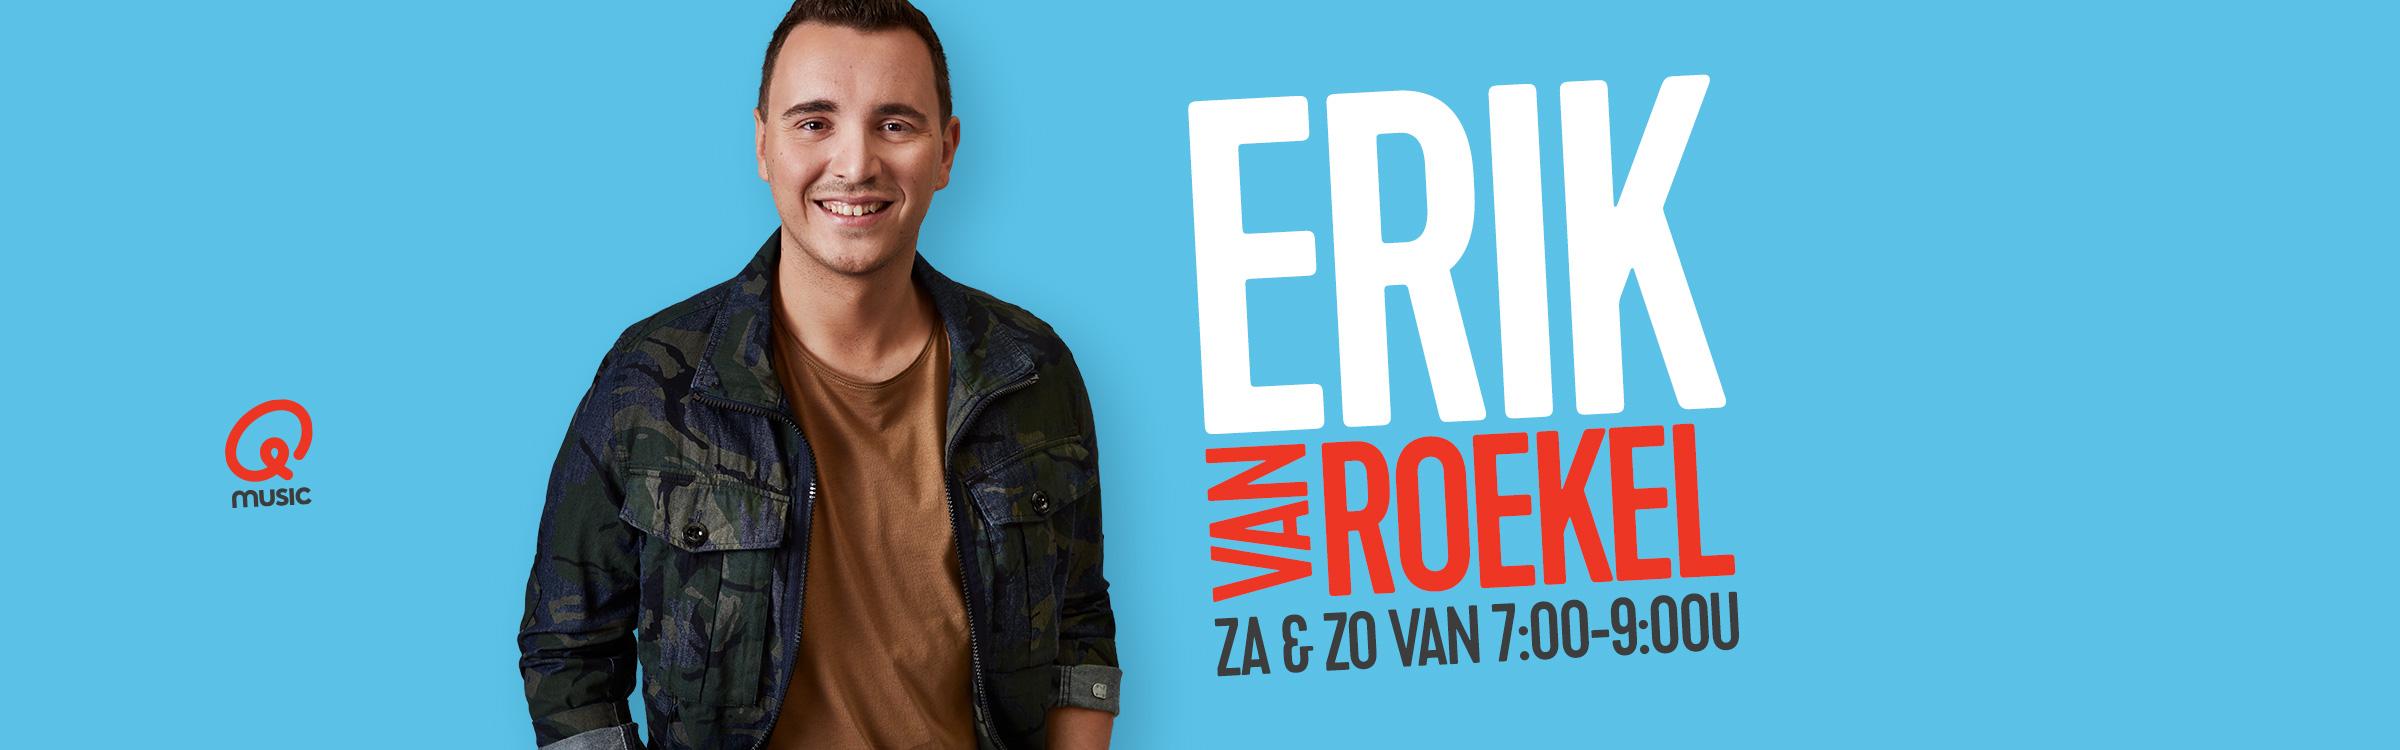 Erik header